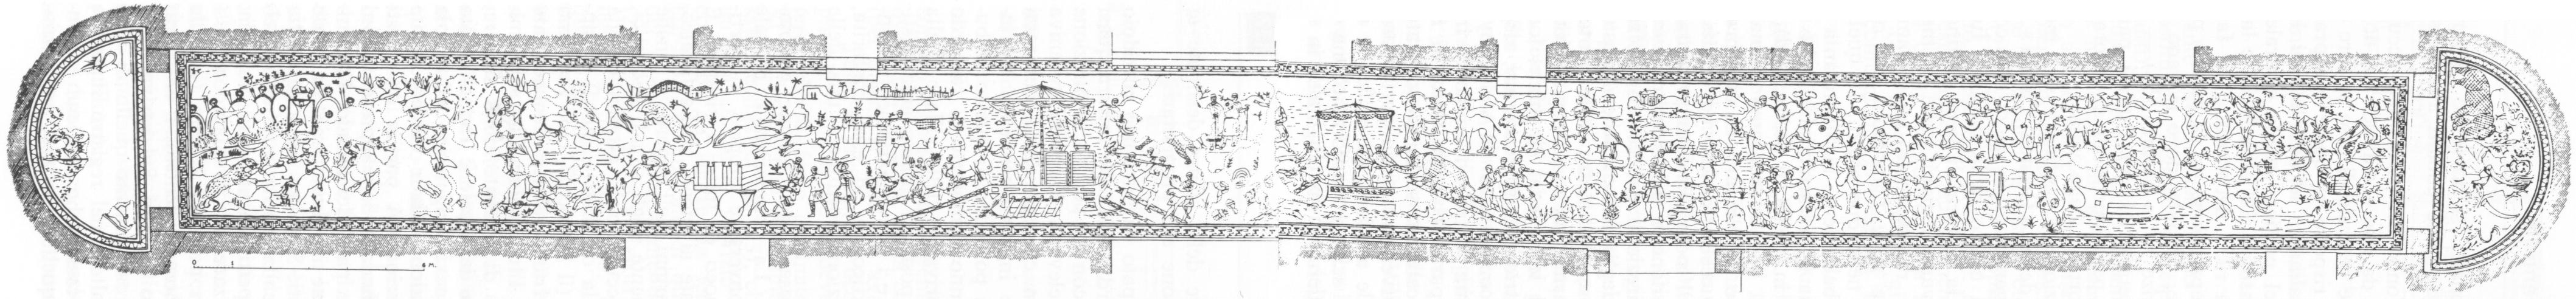 """Drawing from G. V. Gentili: """"La villa Erculia di Piazza Armerina. I mosaici figurati"""", Roma, 1959."""